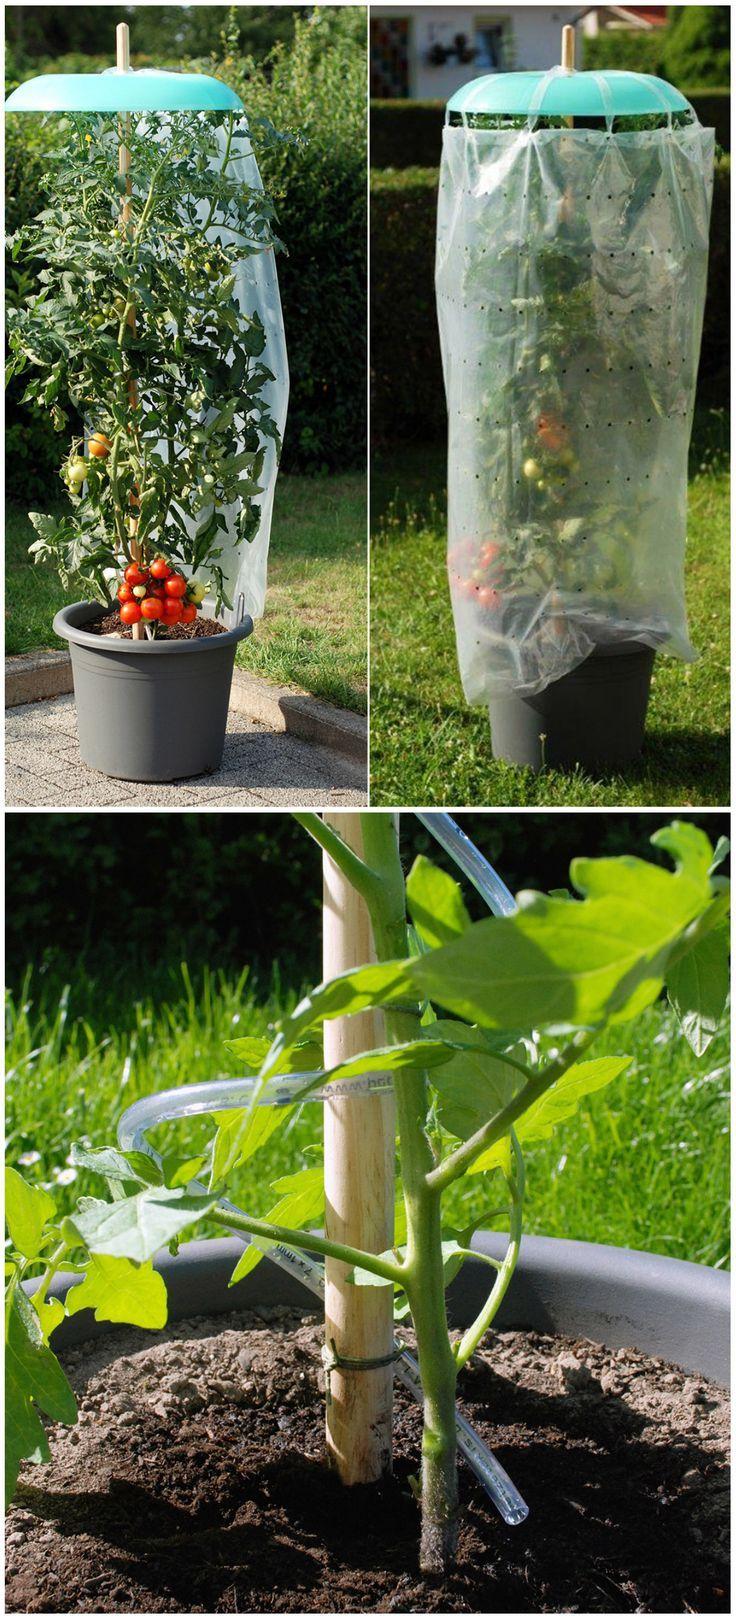 Eine tolle #Idee seine #Tomatenpflanzen vor Regen zu schützen! Das 3-teilige #T